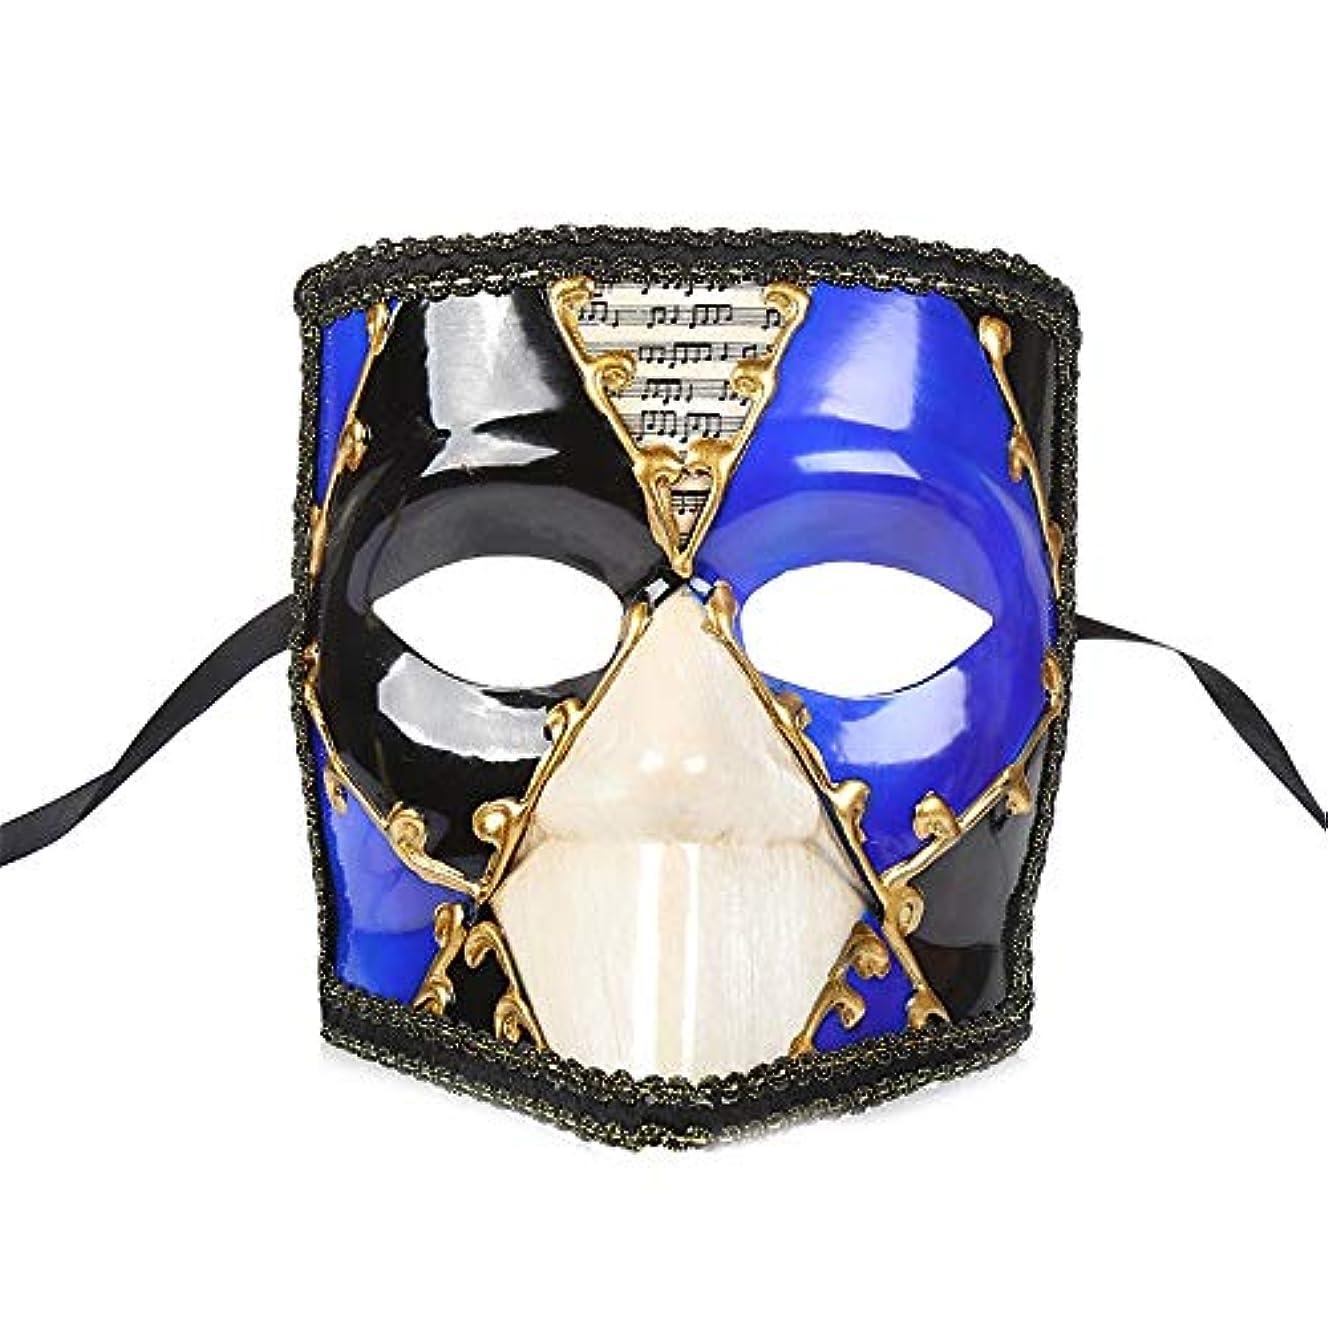 証明書一致するタッチダンスマスク ピエロマスクヴィンテージマスカレードショーデコレーションコスプレナイトクラブプラスチック厚いマスク パーティーボールマスク (色 : 青, サイズ : 18x15cm)